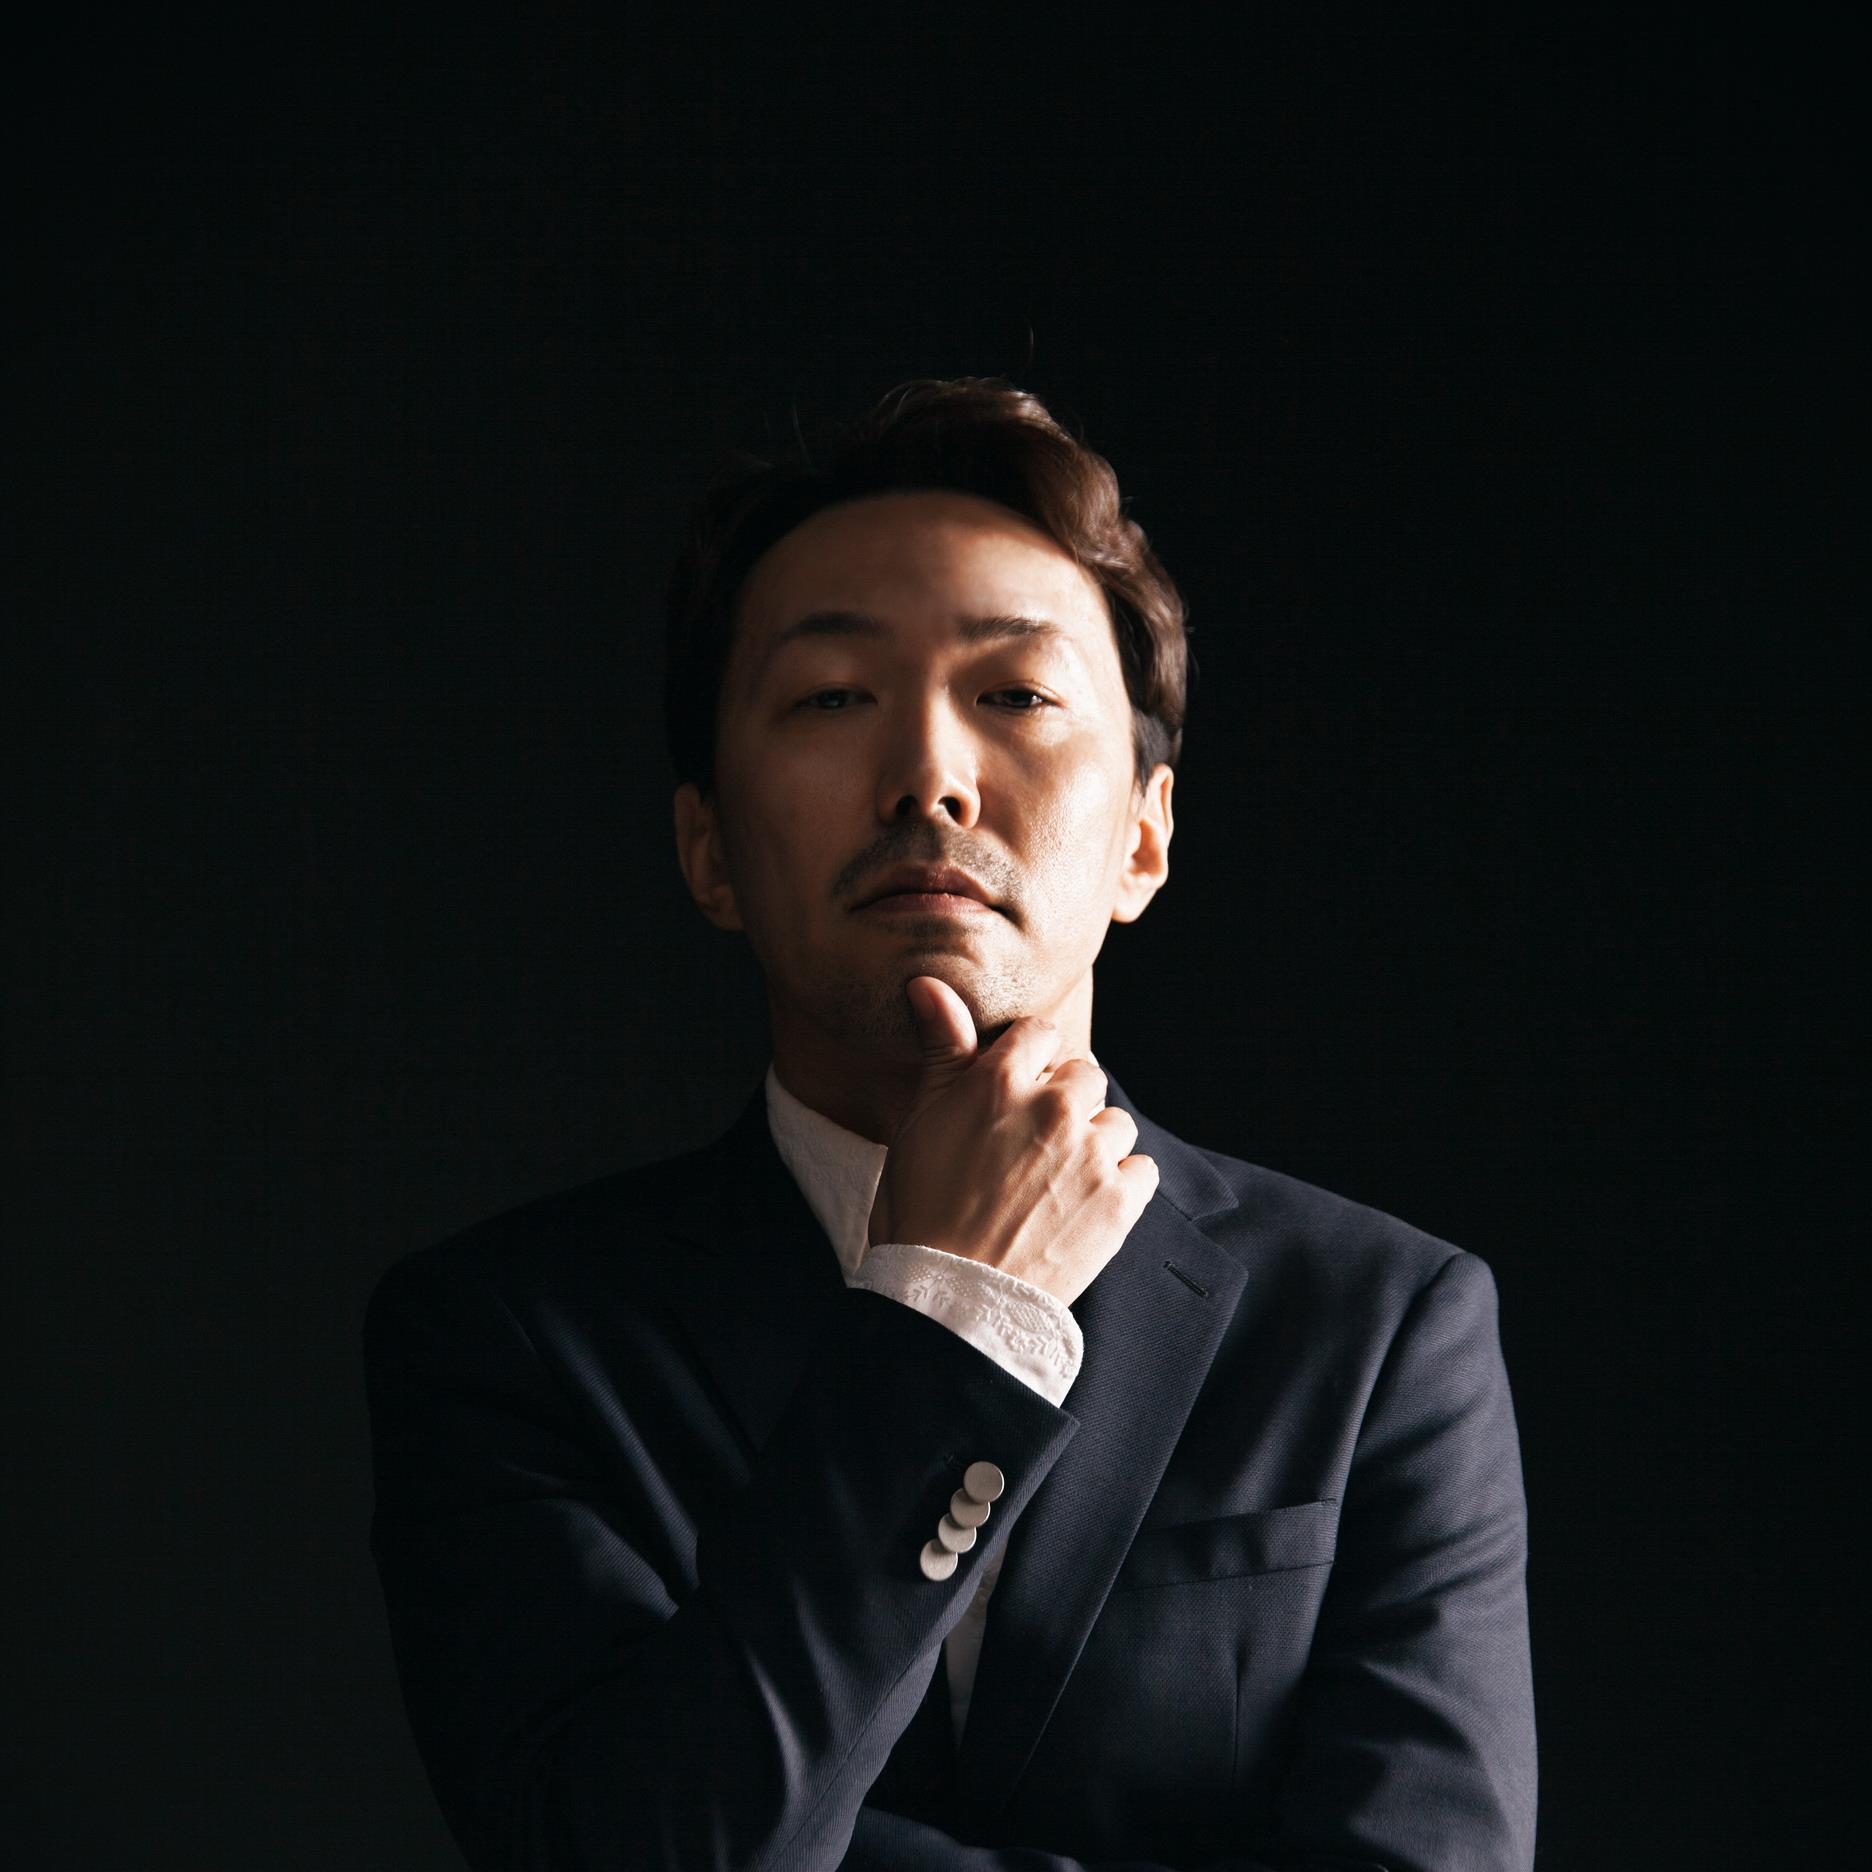 Secheol Shin